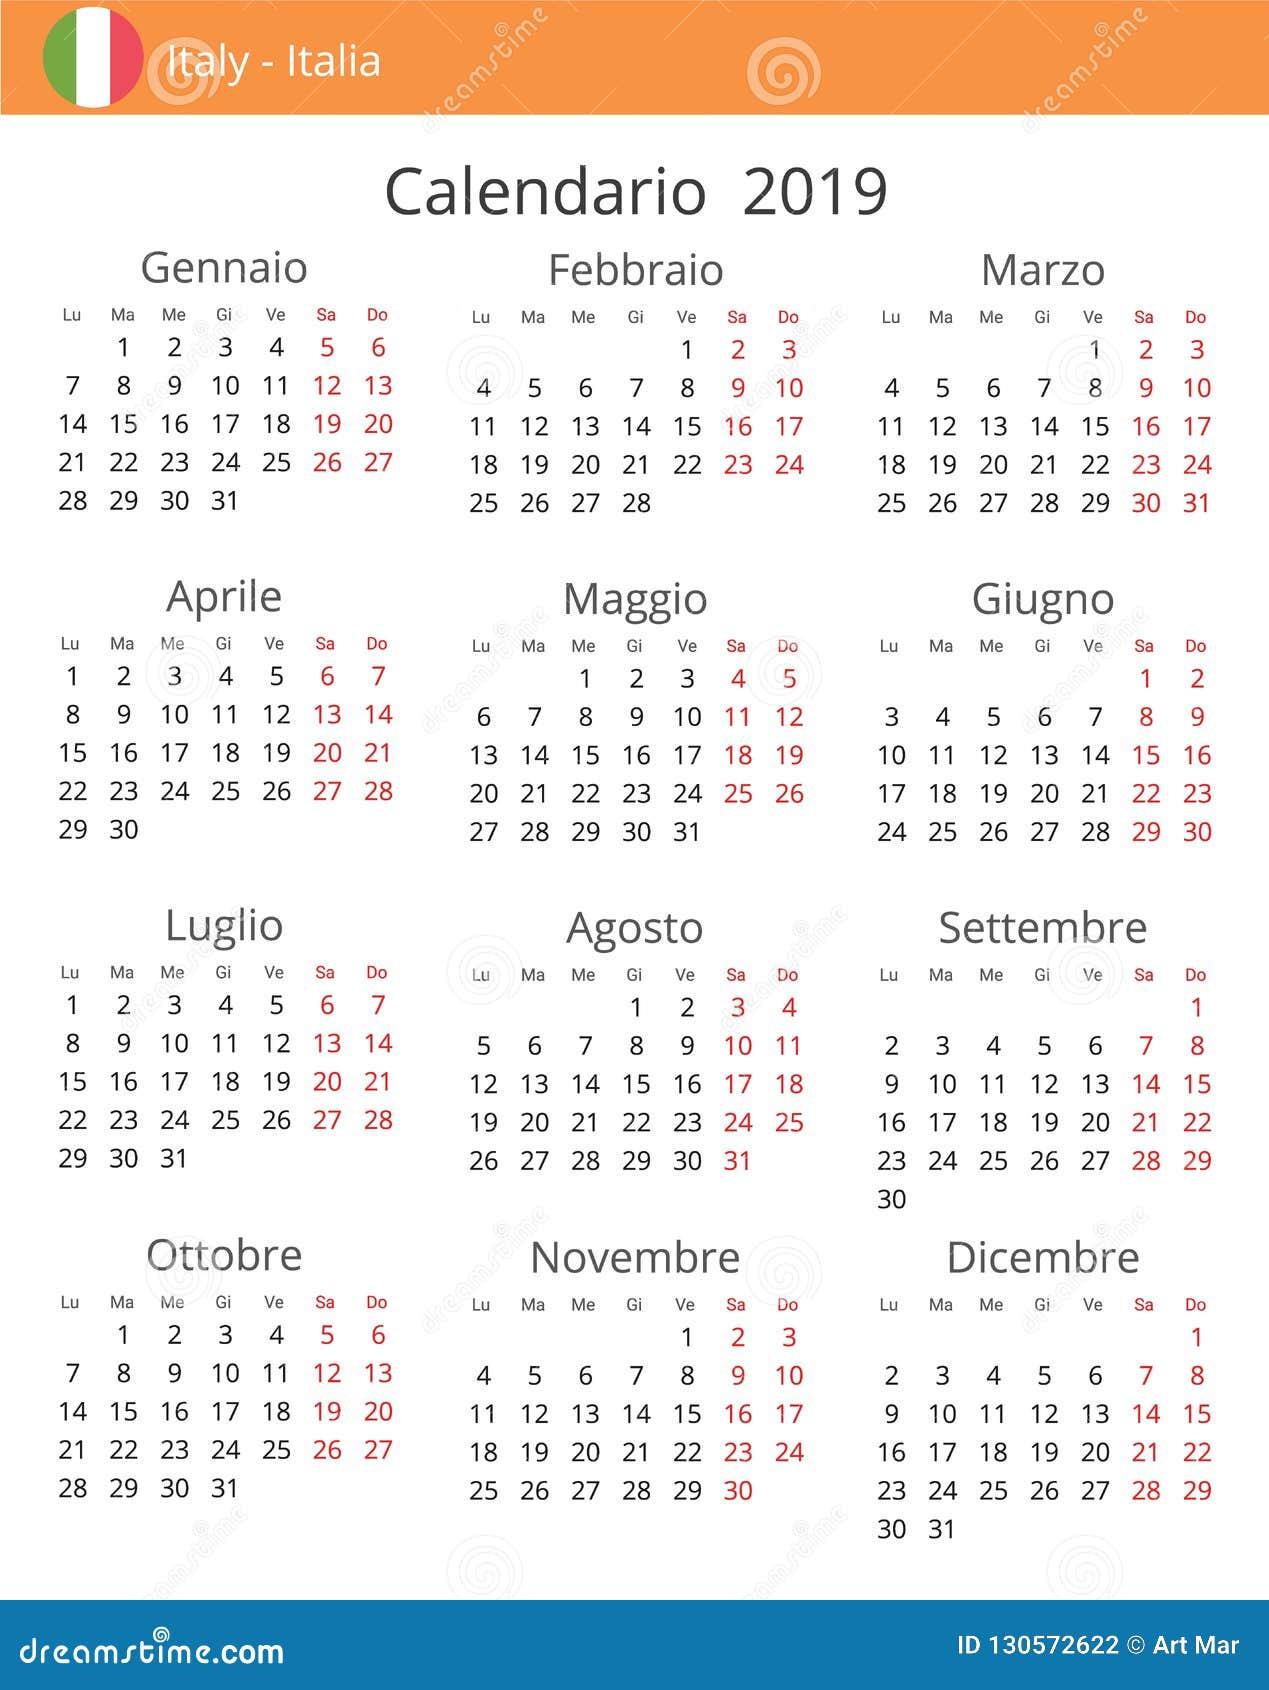 Новый 2019 год в италии - КалендарьГода рекомендации